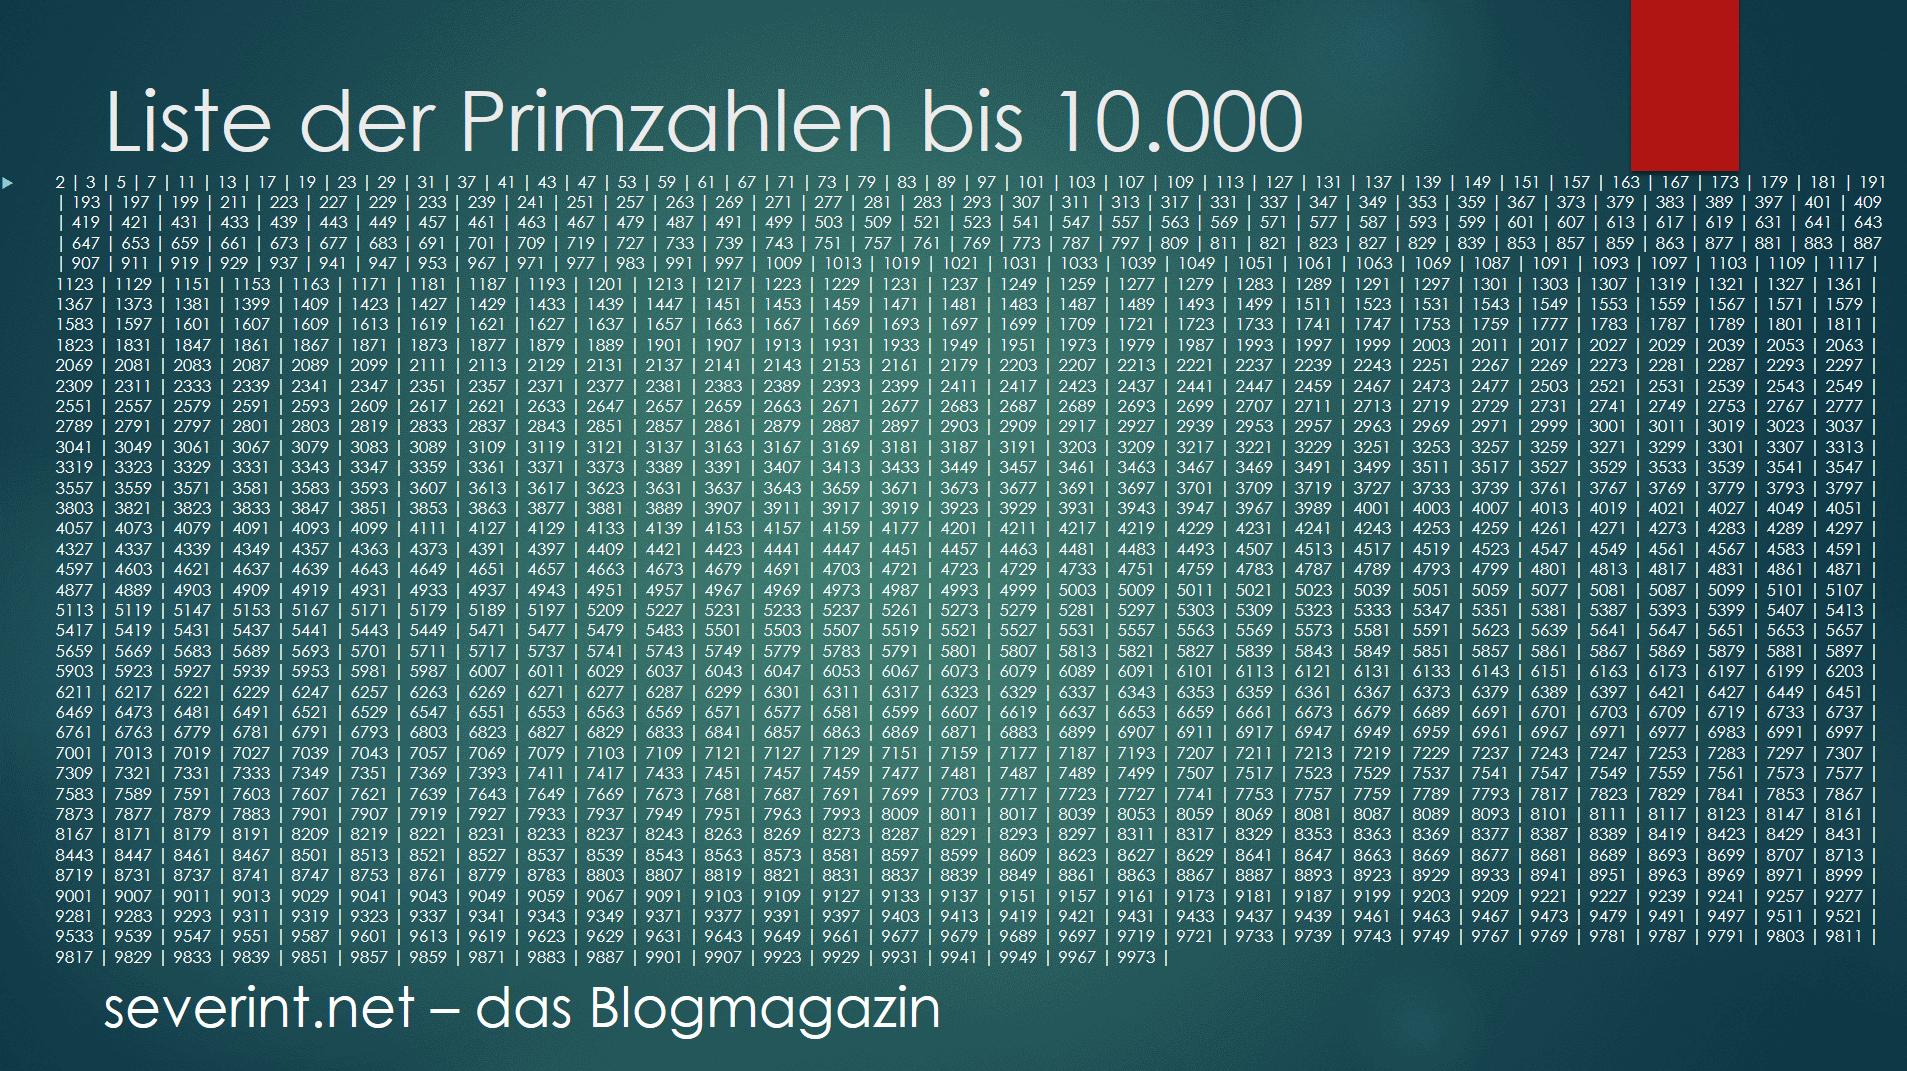 liste-der-primzahlen-bis-10000